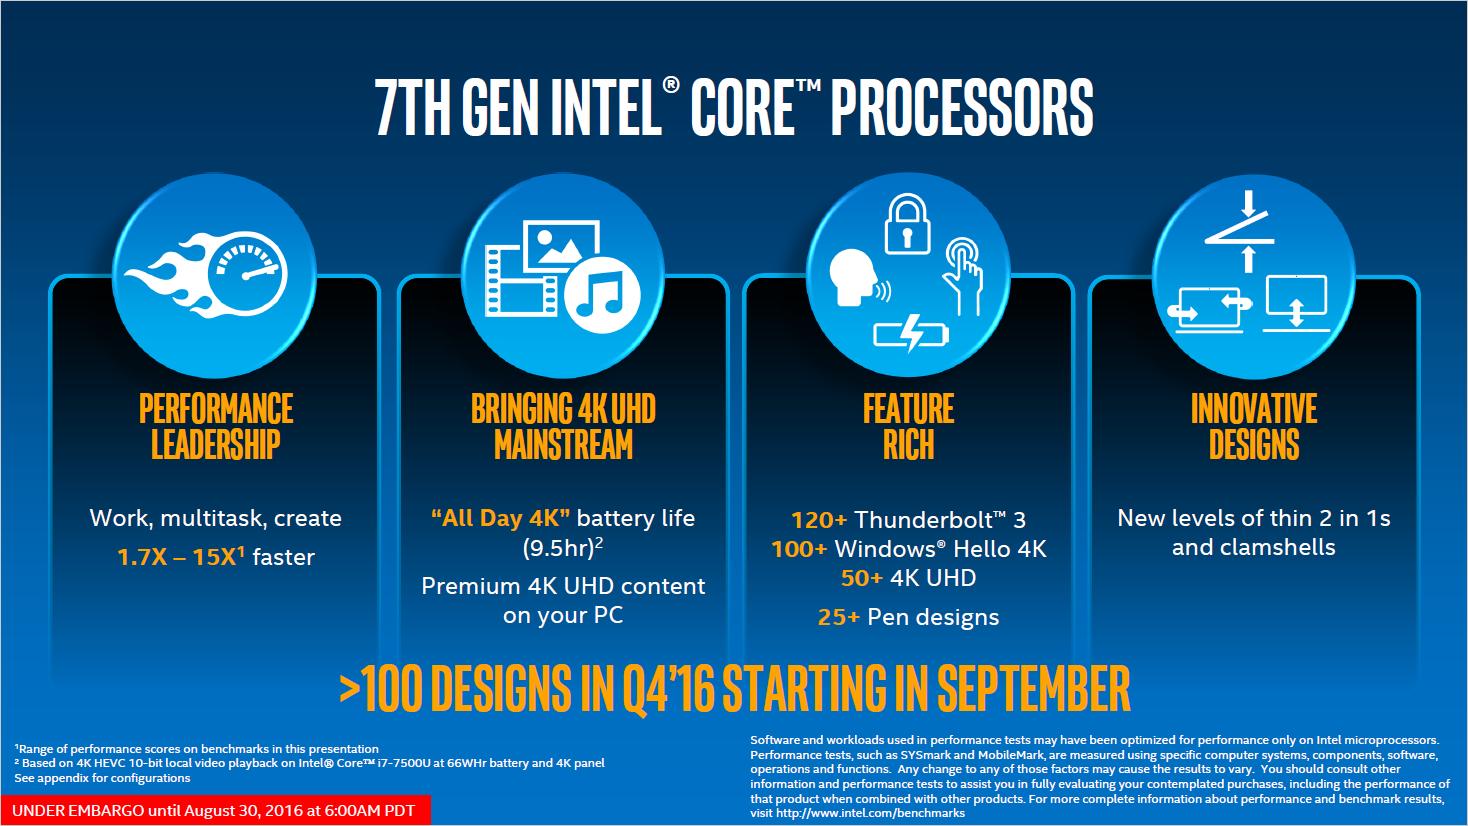 Kaby Lake: Intel stellt neue Chips für Mini-PCs und Ultrabooks vor - Intel verspricht viele Notebooks ab September 2016. (Bild: Intel)